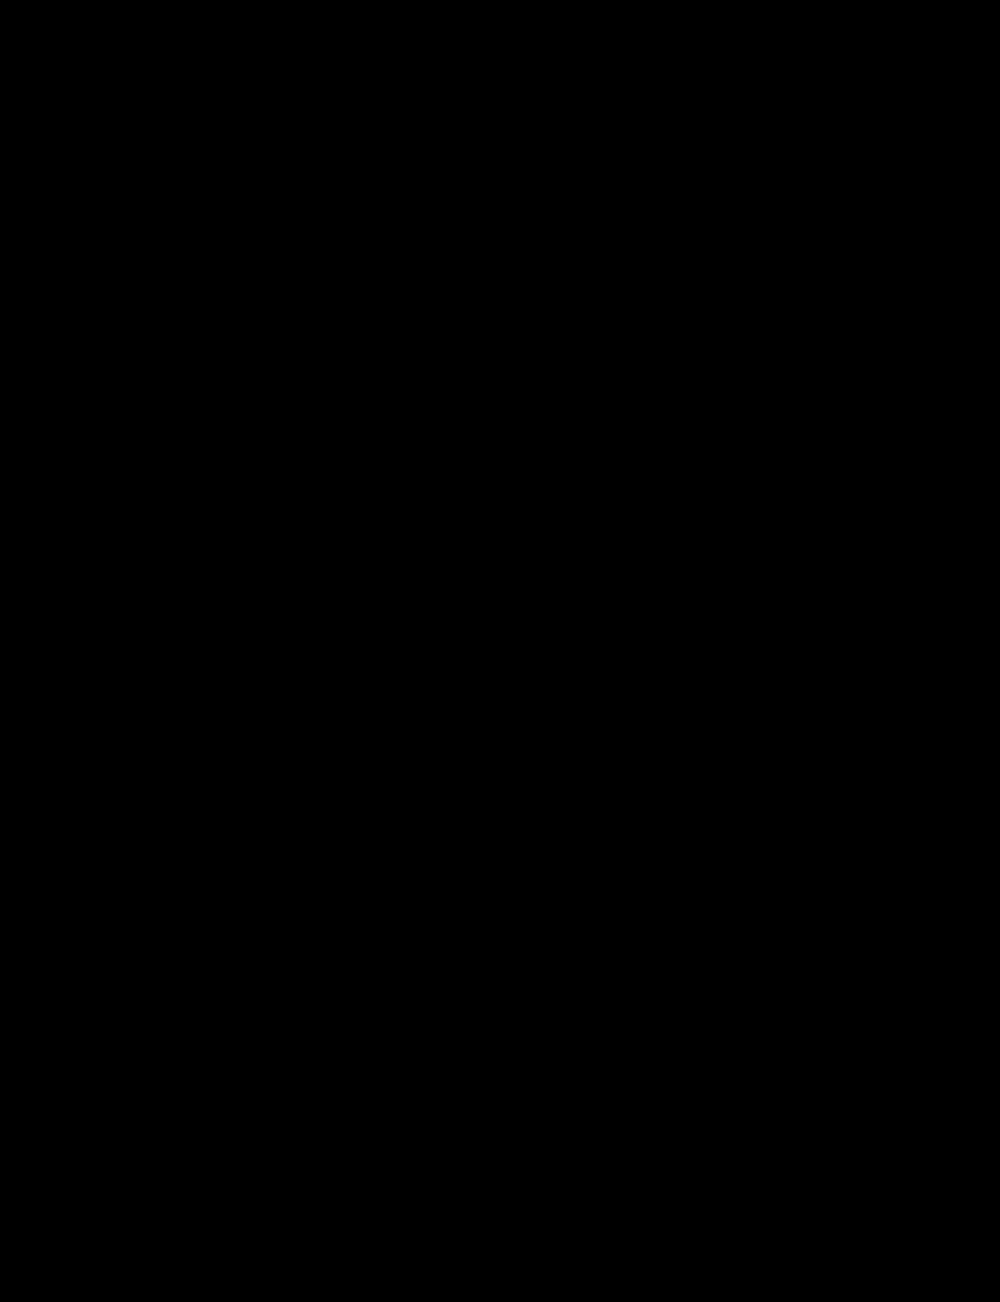 A coiled bun